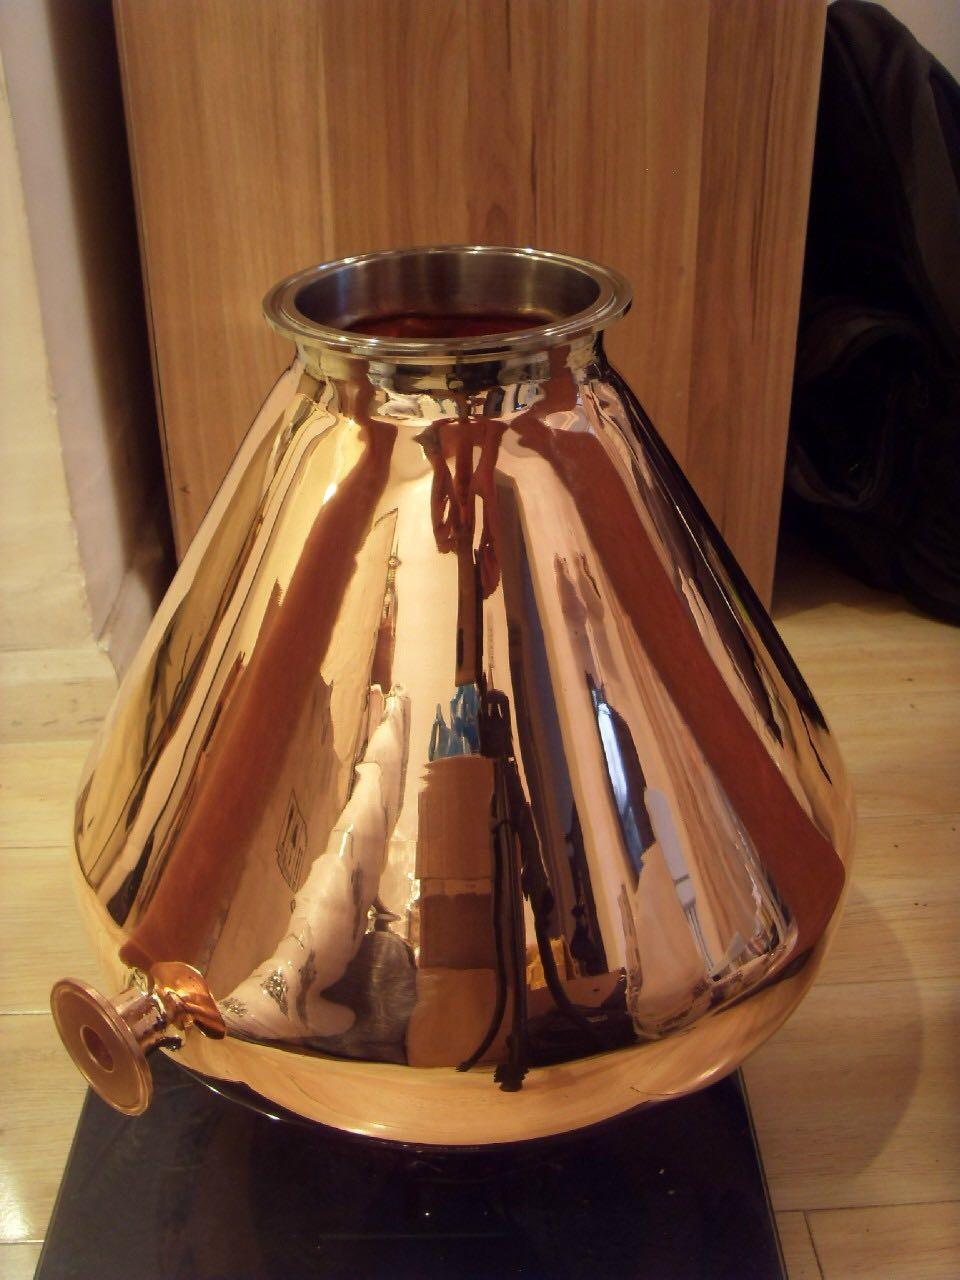 4 8 10 12 Copper Still Helmet Top Of Still